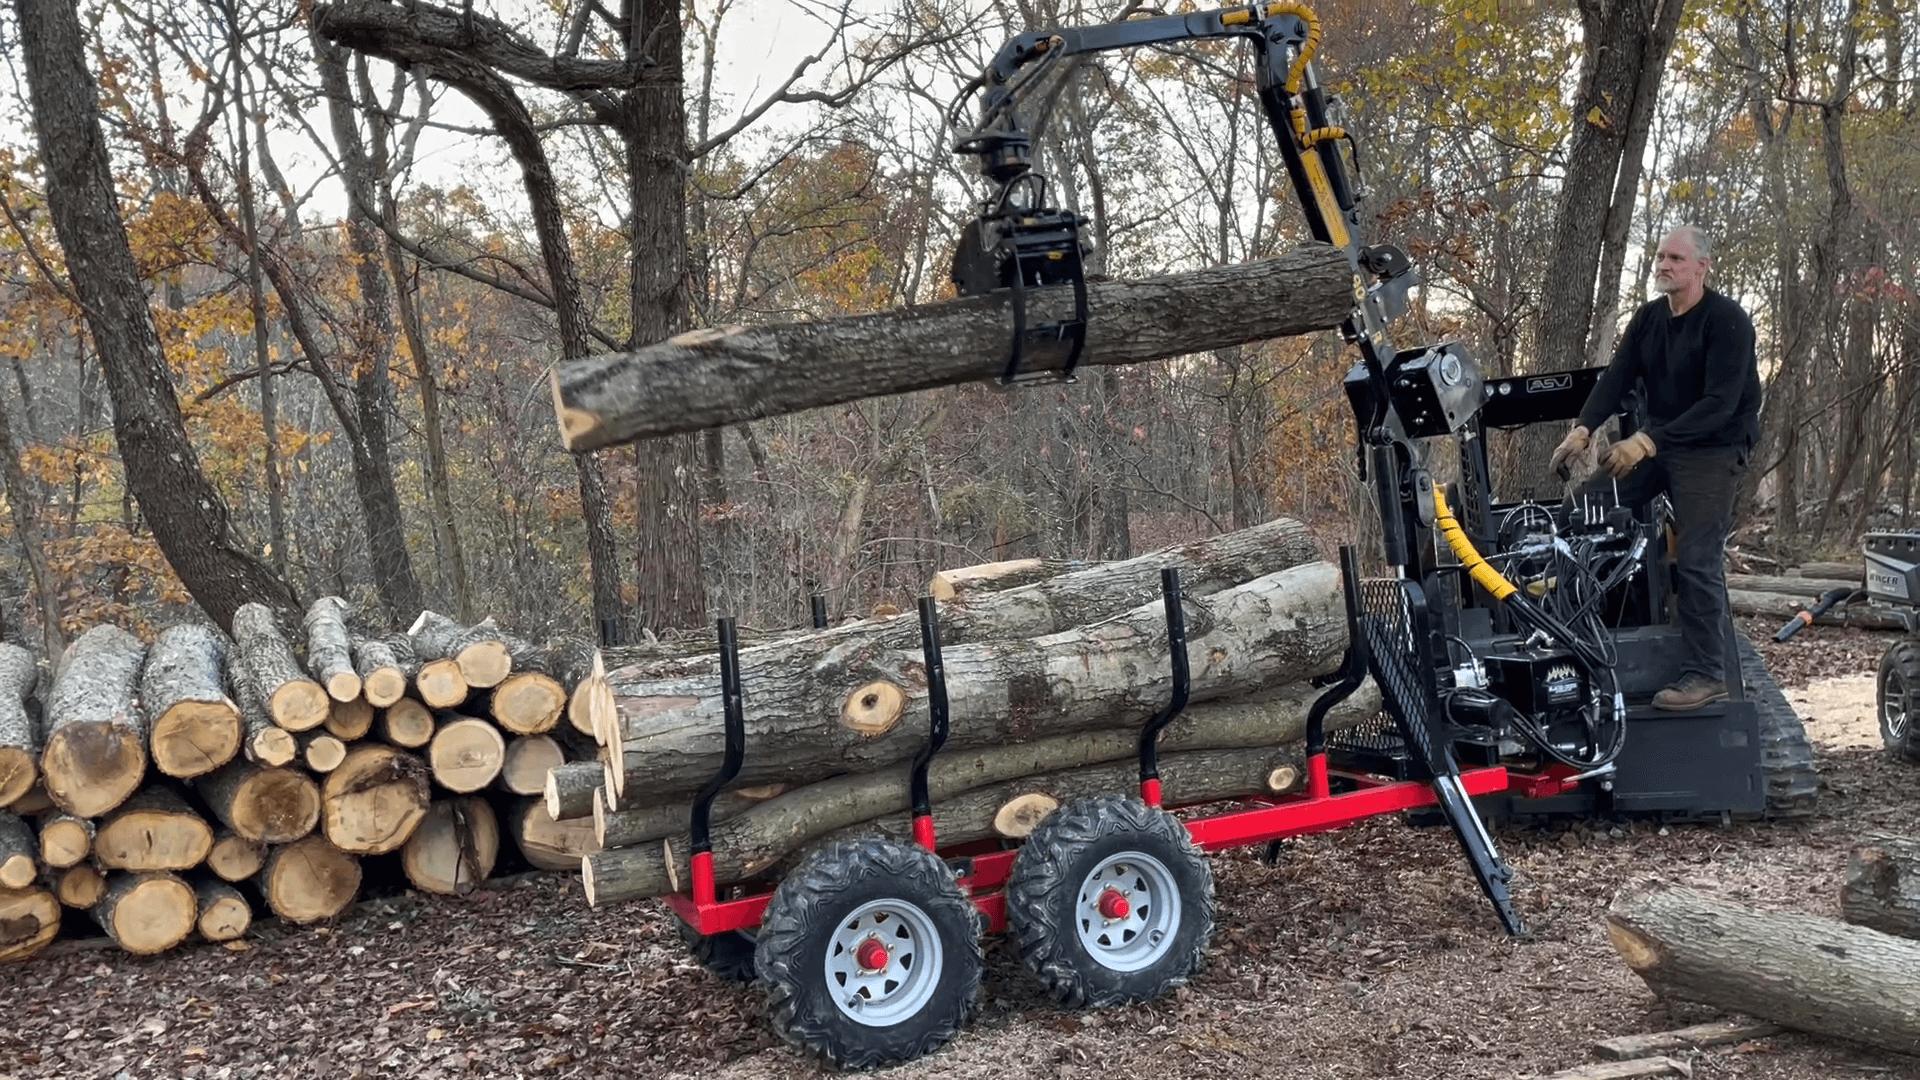 900R ATV logging forestry trailer 900SR loader loader with winch loading logs